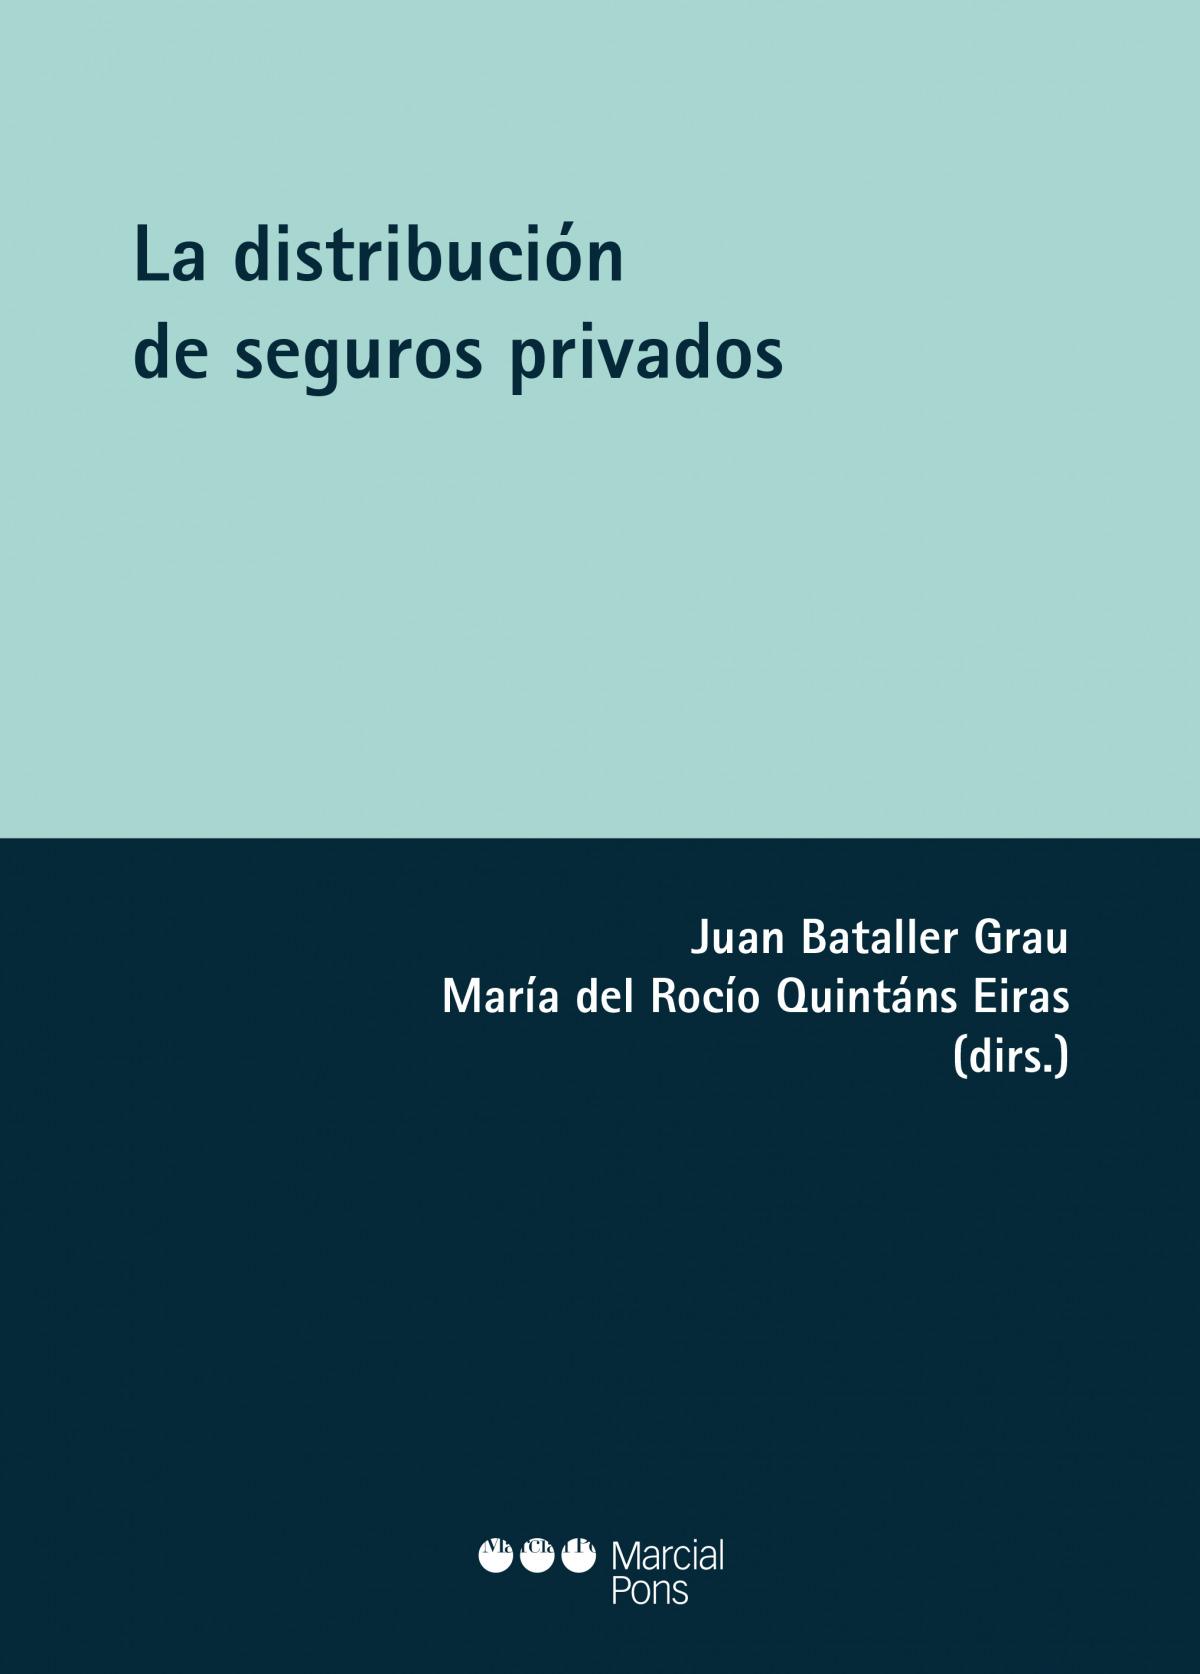 La distribución de los seguros privados